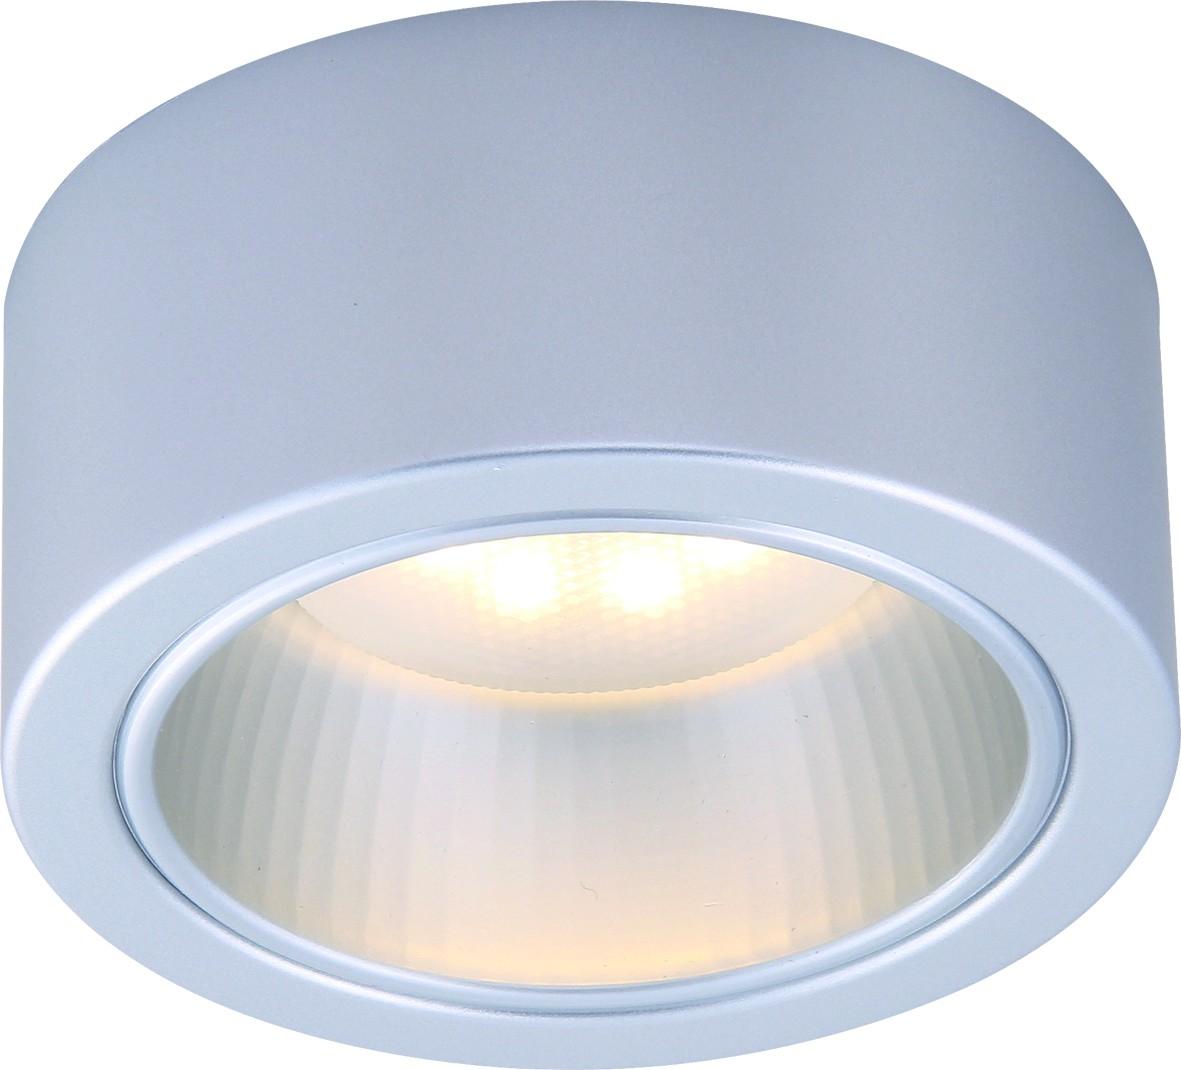 Светильник потолочный Arte Lamp  Effetto . A5553PL-1GY